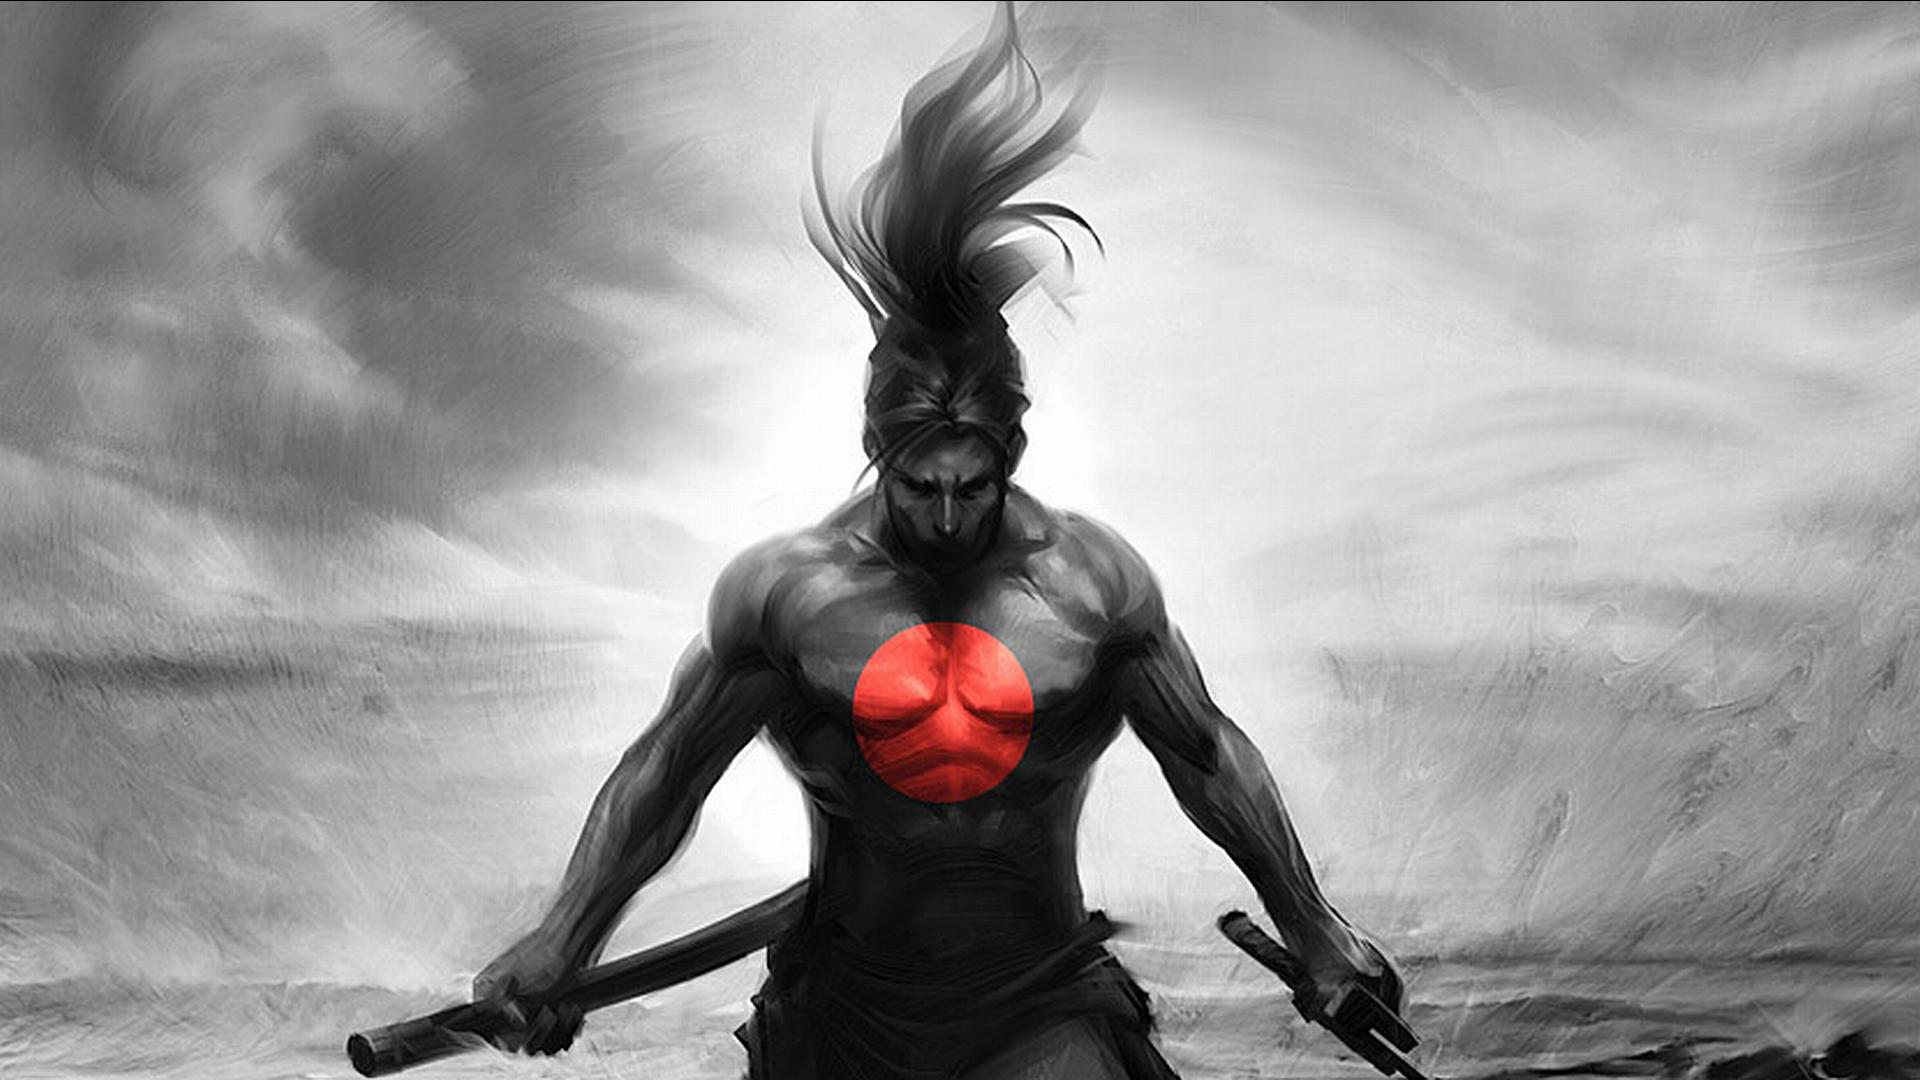 Spirit of Samurai